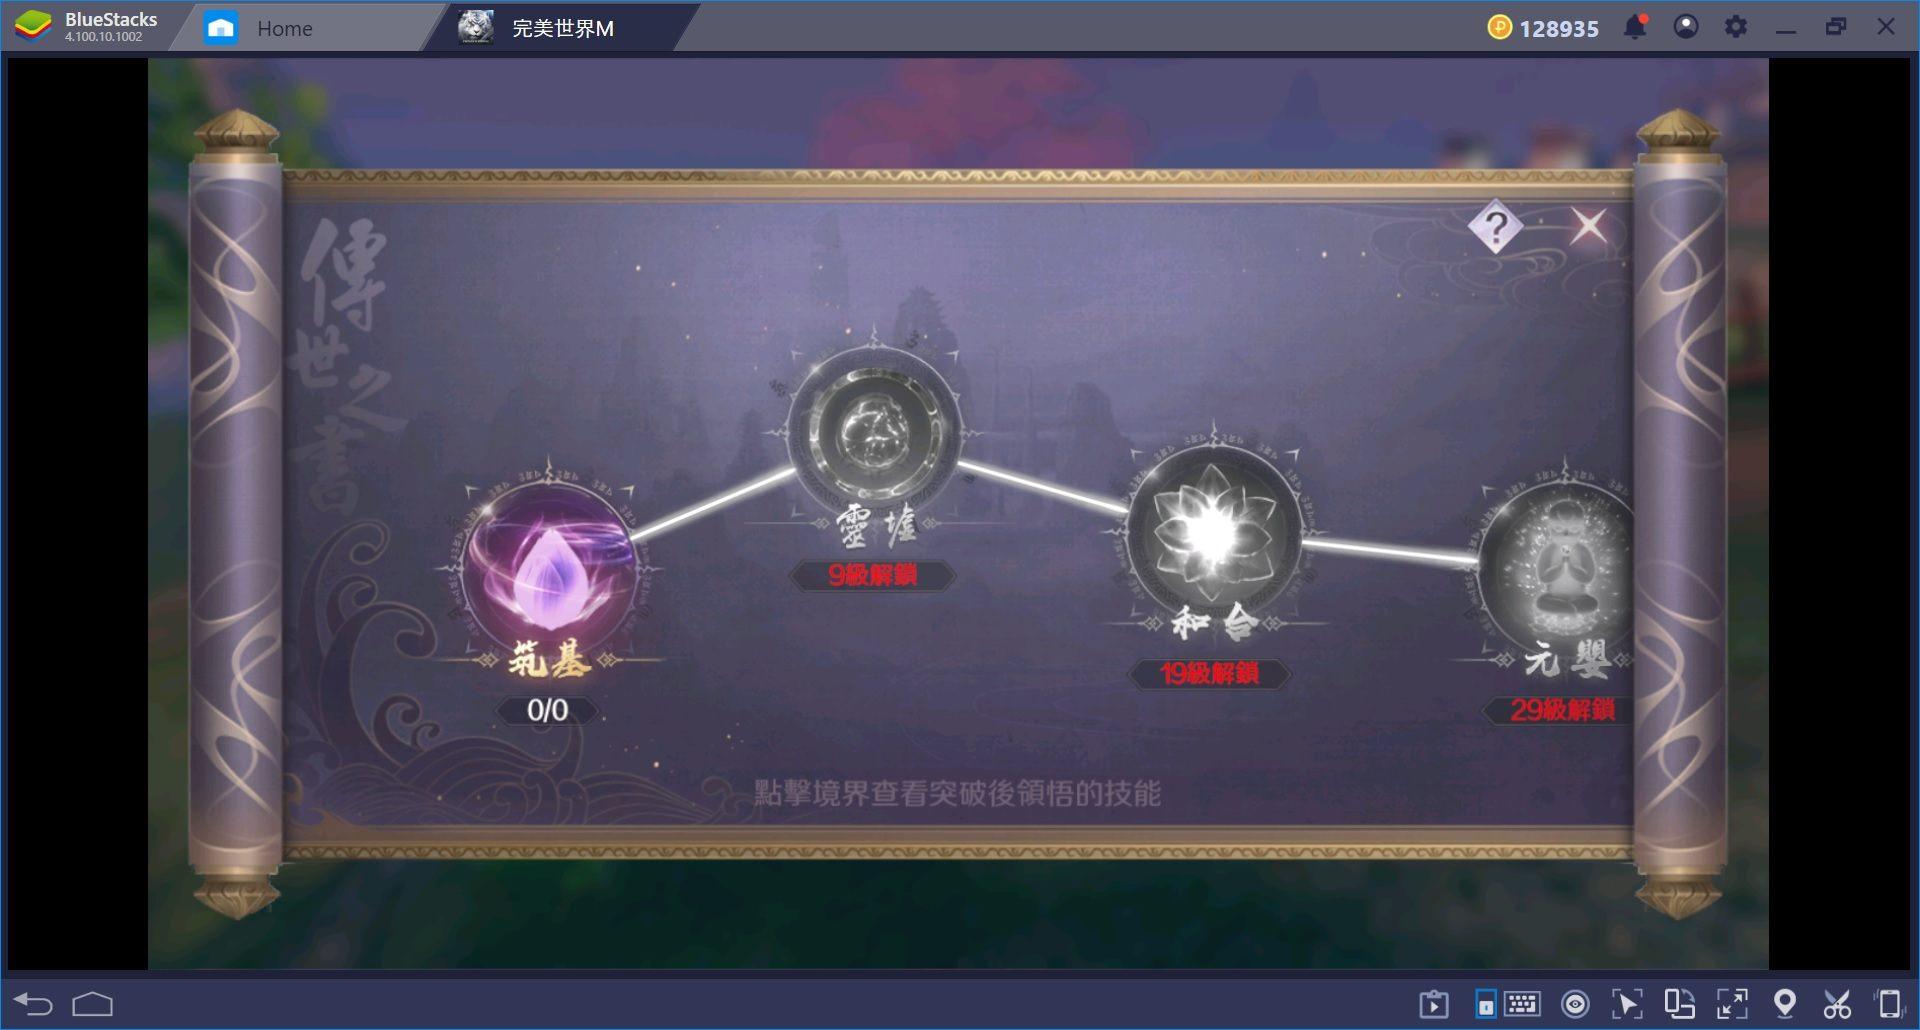 完美世界M : 武俠職業之介紹